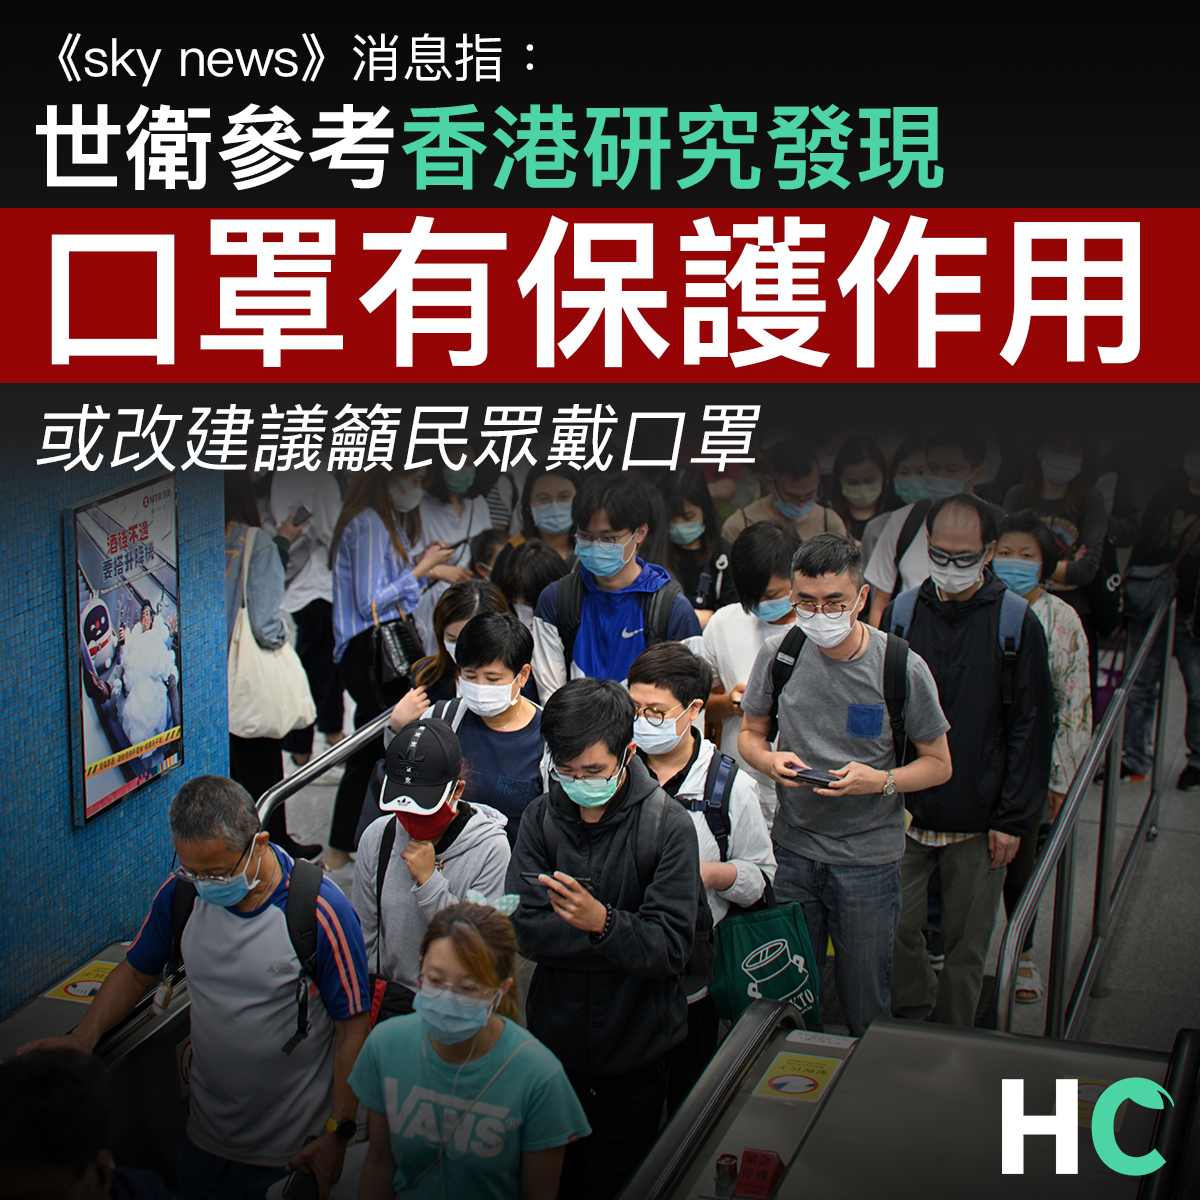 【#武漢肺炎】世衛發現口罩有保護作用 或籲民眾戴口罩